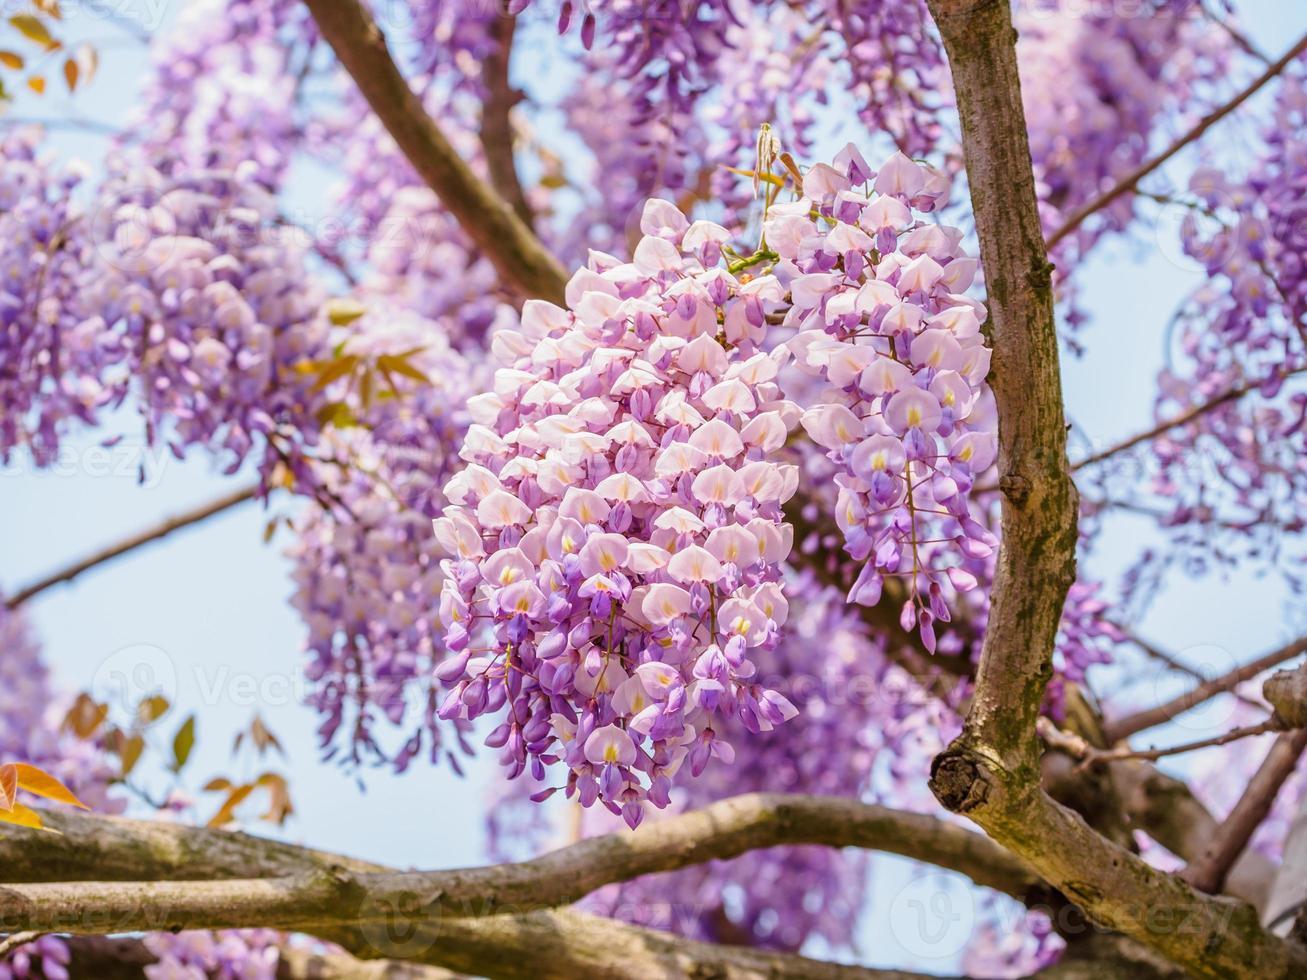 serie di fiori primaverili, glicine viola foto